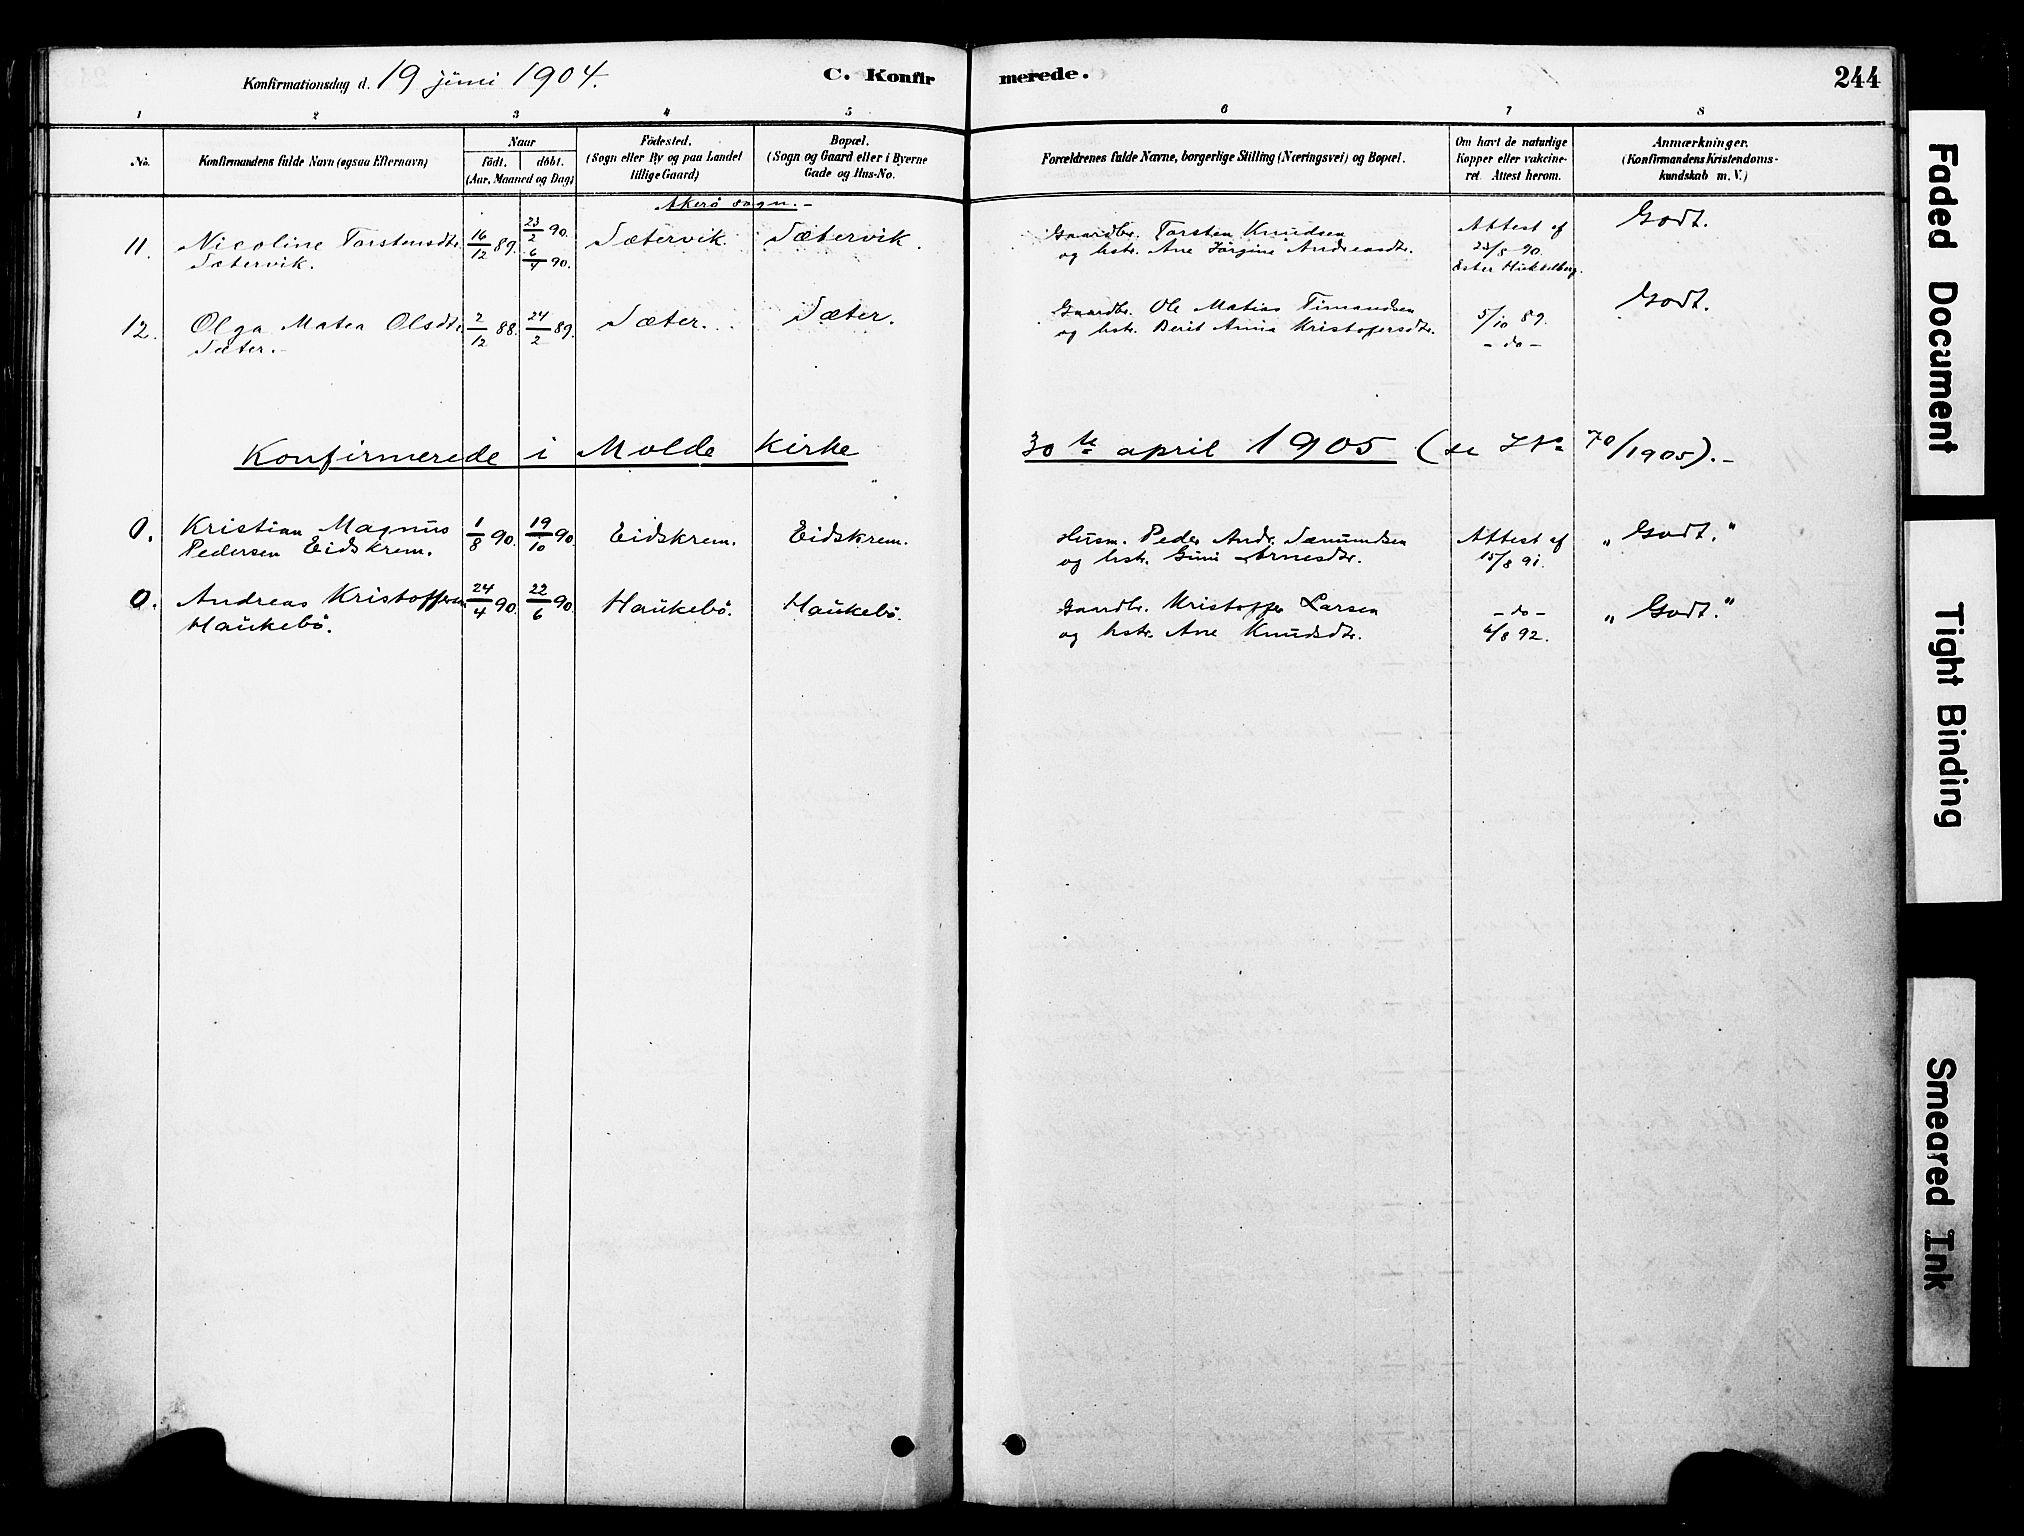 SAT, Ministerialprotokoller, klokkerbøker og fødselsregistre - Møre og Romsdal, 560/L0721: Ministerialbok nr. 560A05, 1878-1917, s. 244